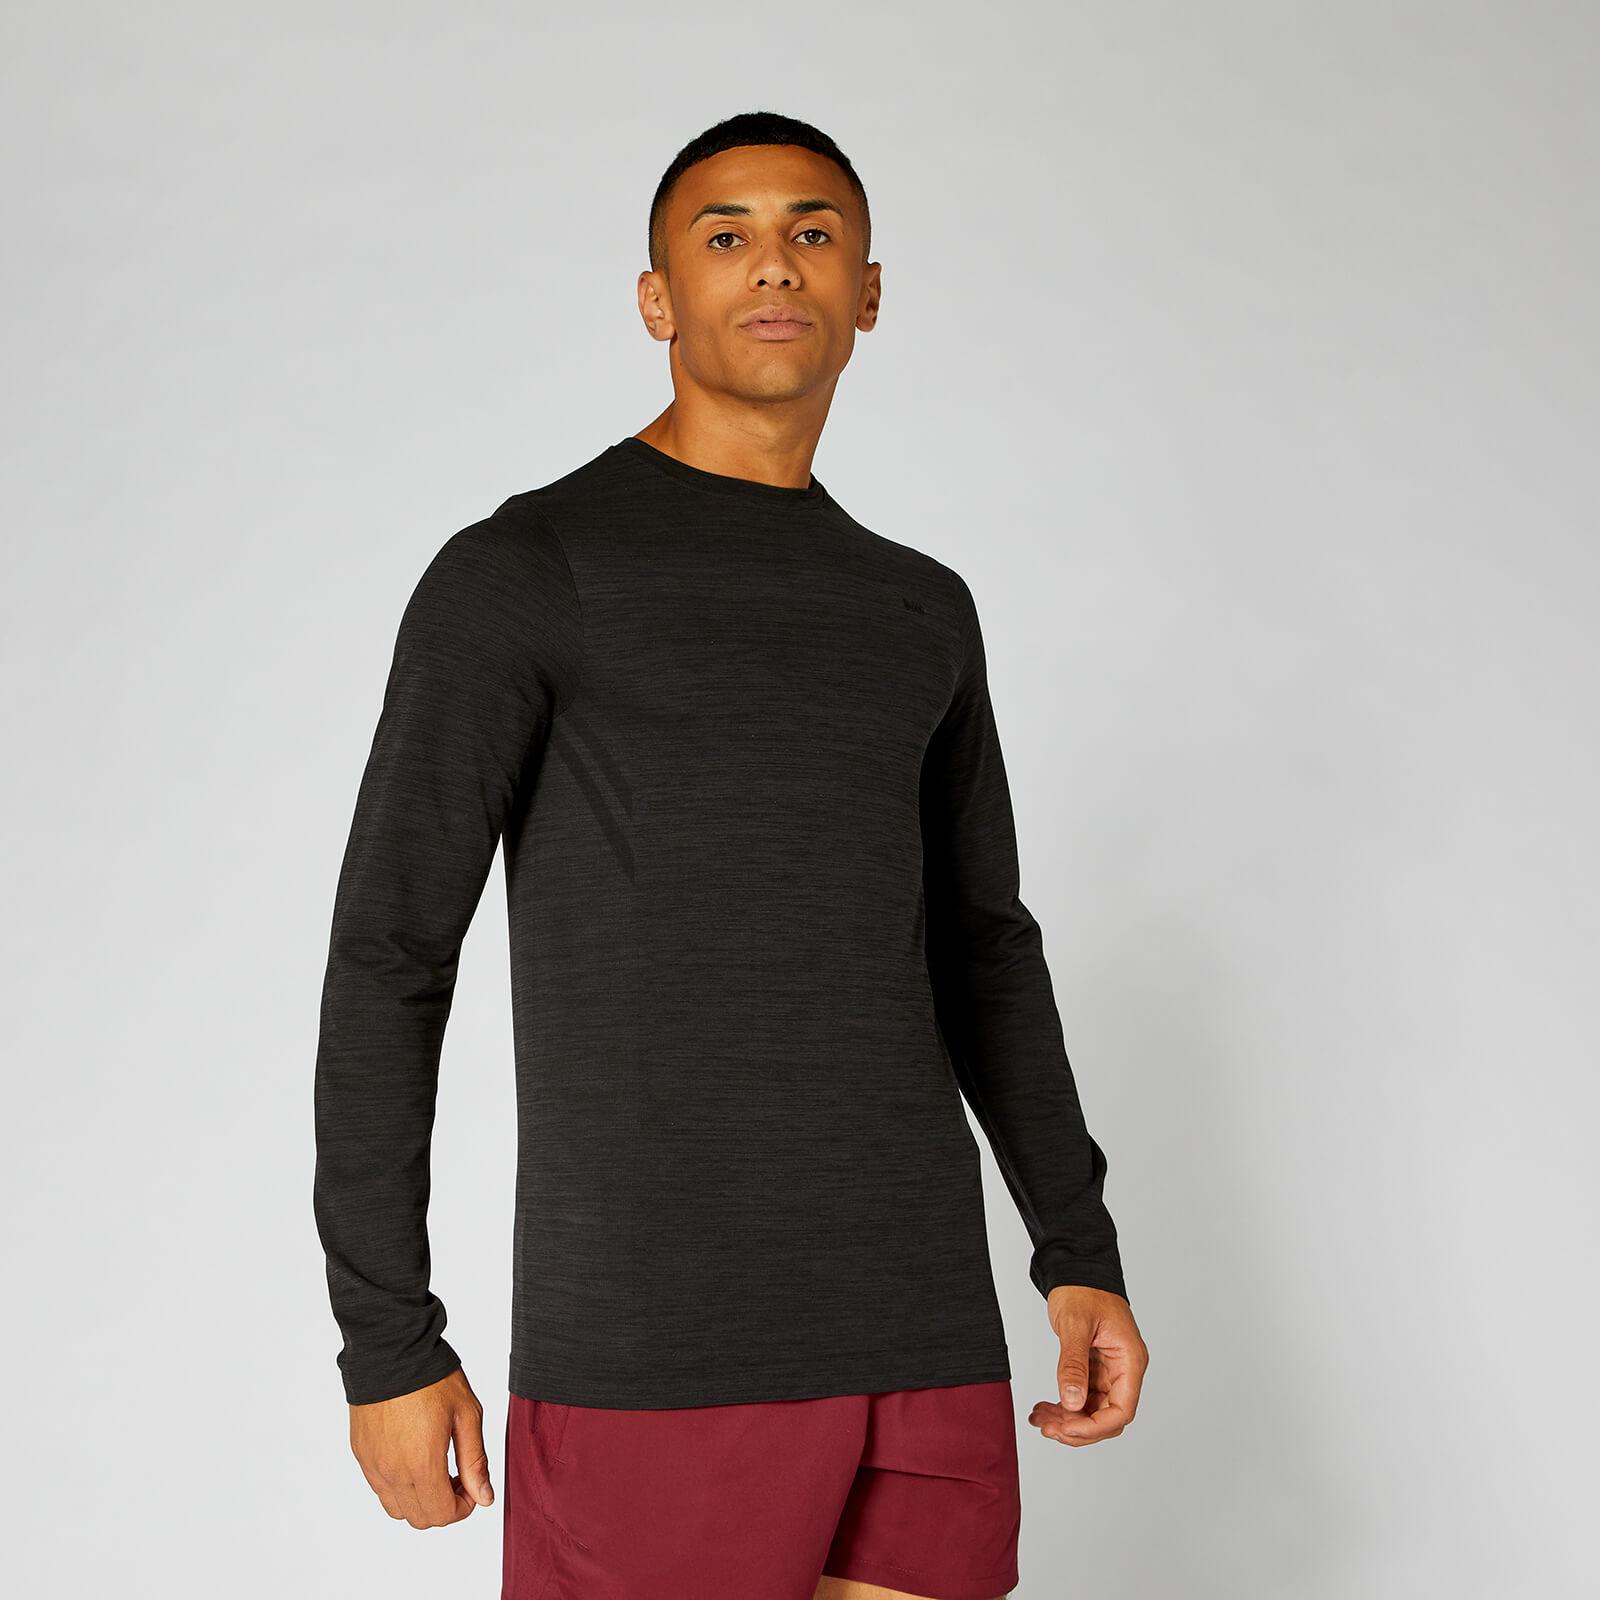 Myprotein Lightweight Seamless Long-Sleeve T-Shirt - Black Marl - XXL